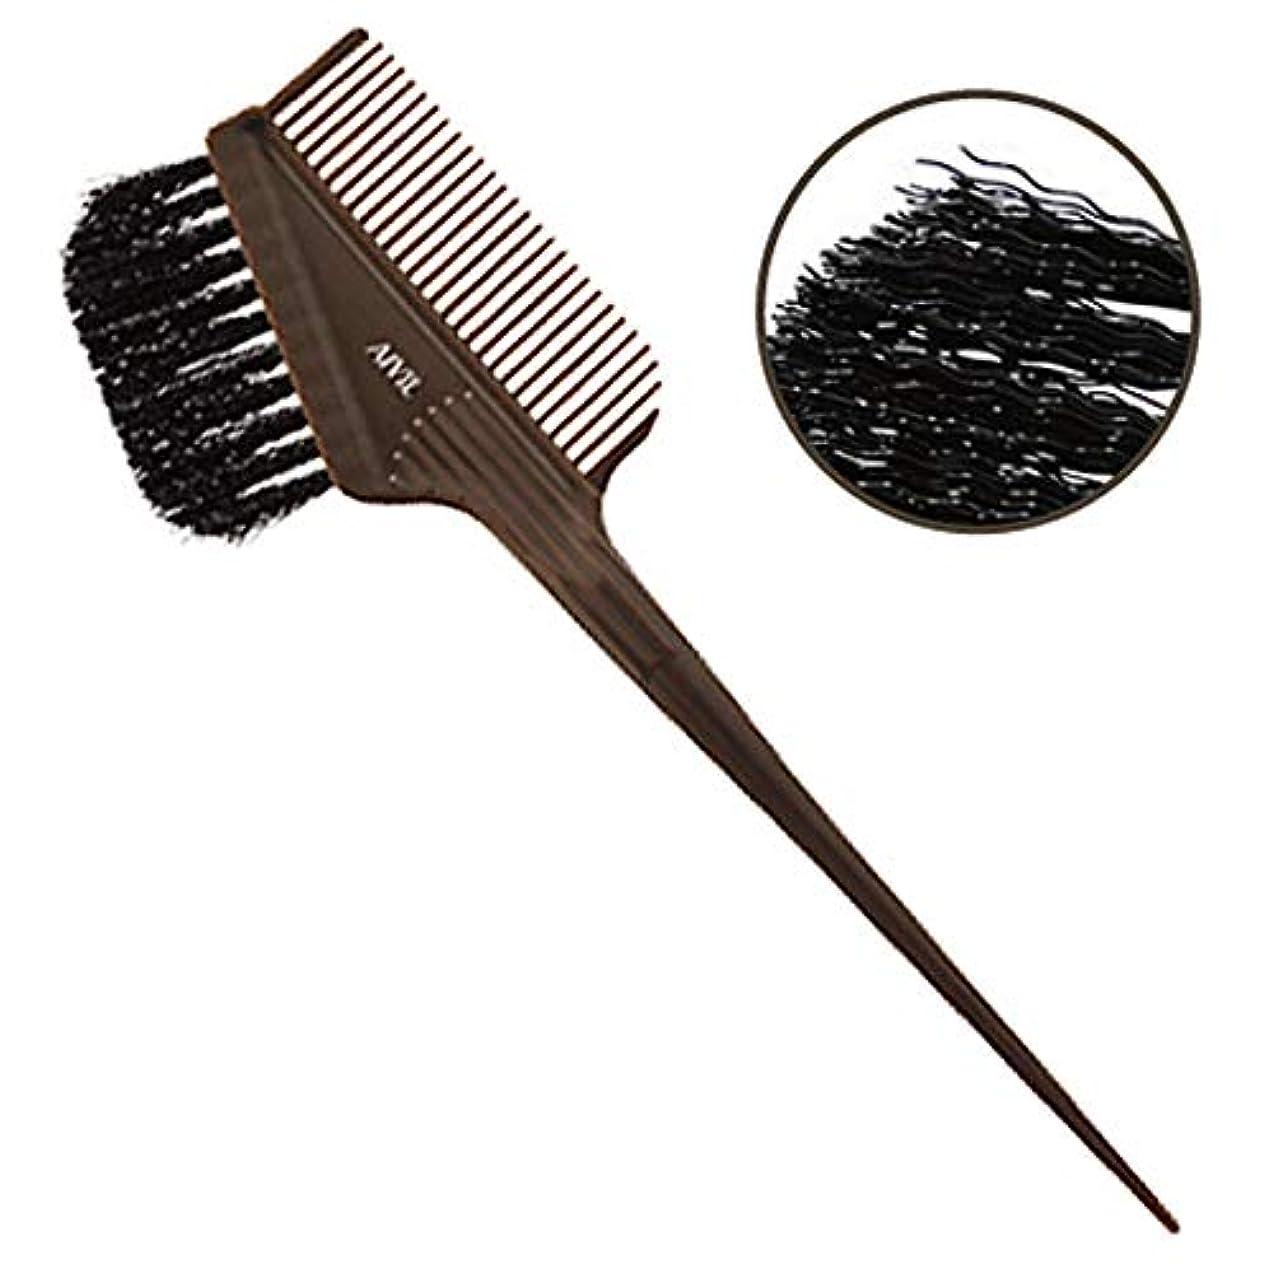 リブ非常に怒っていますオゾンアイビル ヘアダイブラシ バトン ブラウン ウェーブ毛 刷毛/カラー剤/毛染めブラシ AIVIL